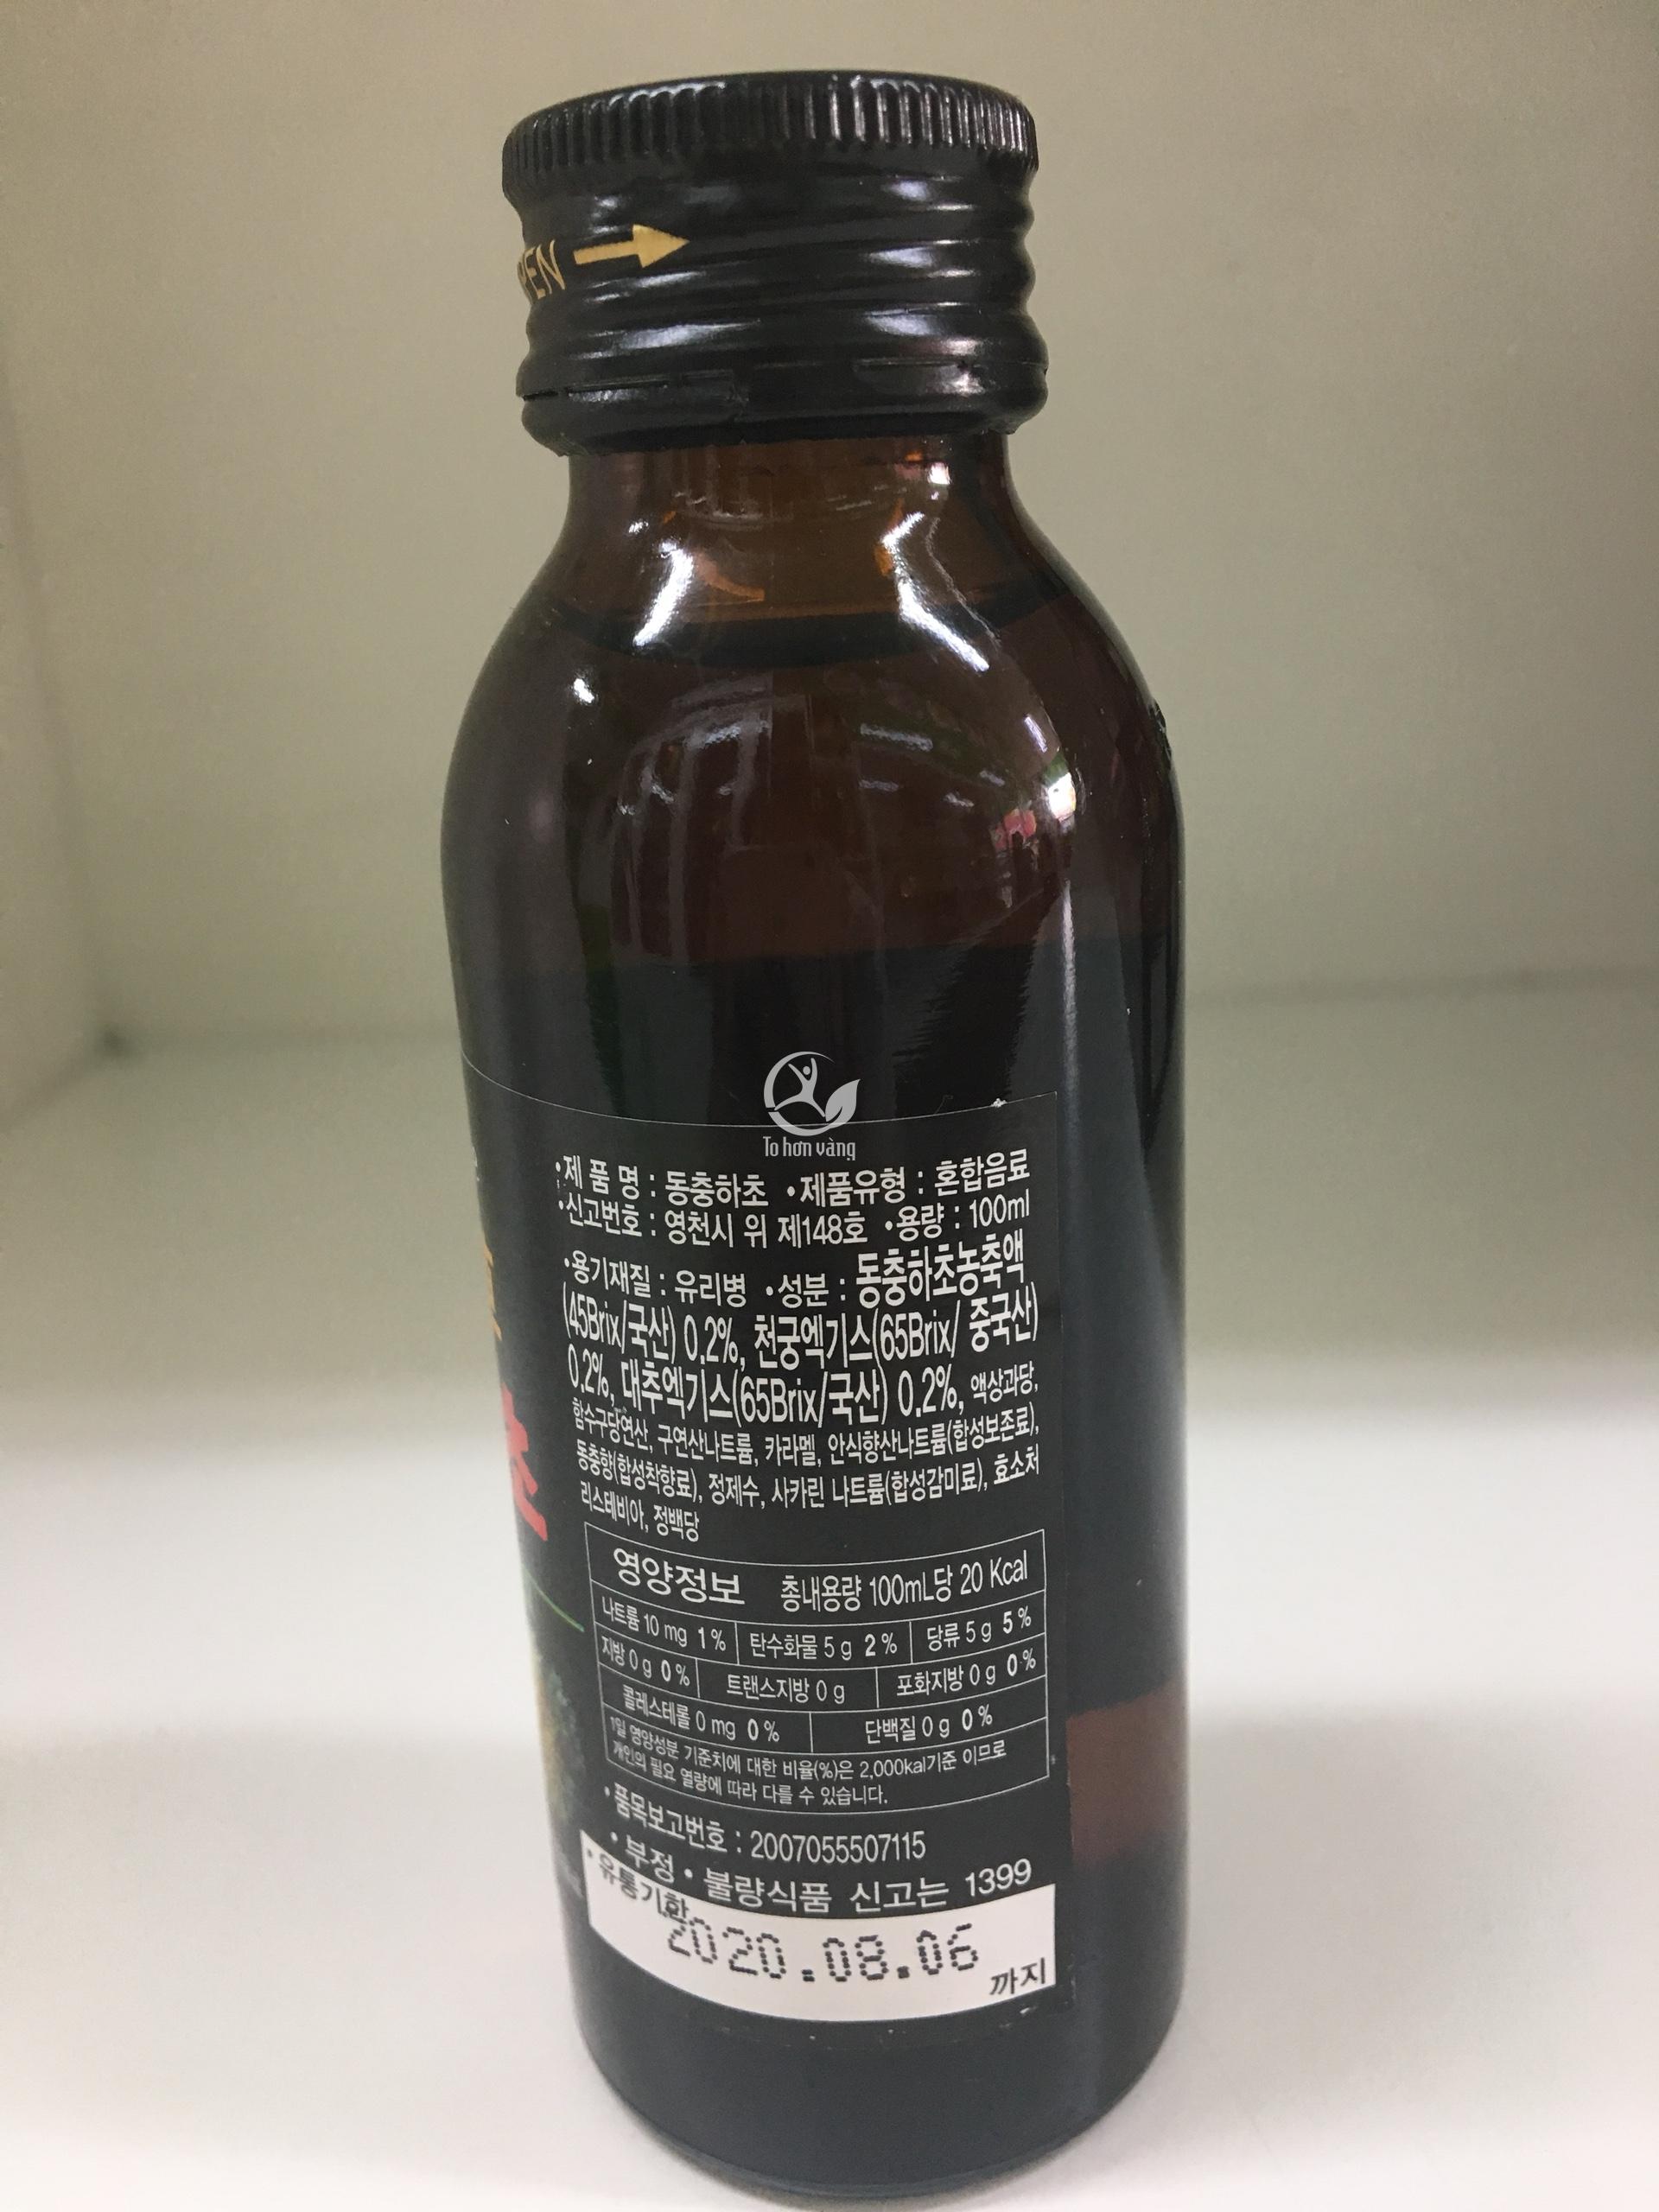 Mặt sau của chai nước đông trùng hạ thảo có chứa các thông tin về thành  phần dinh dưỡng